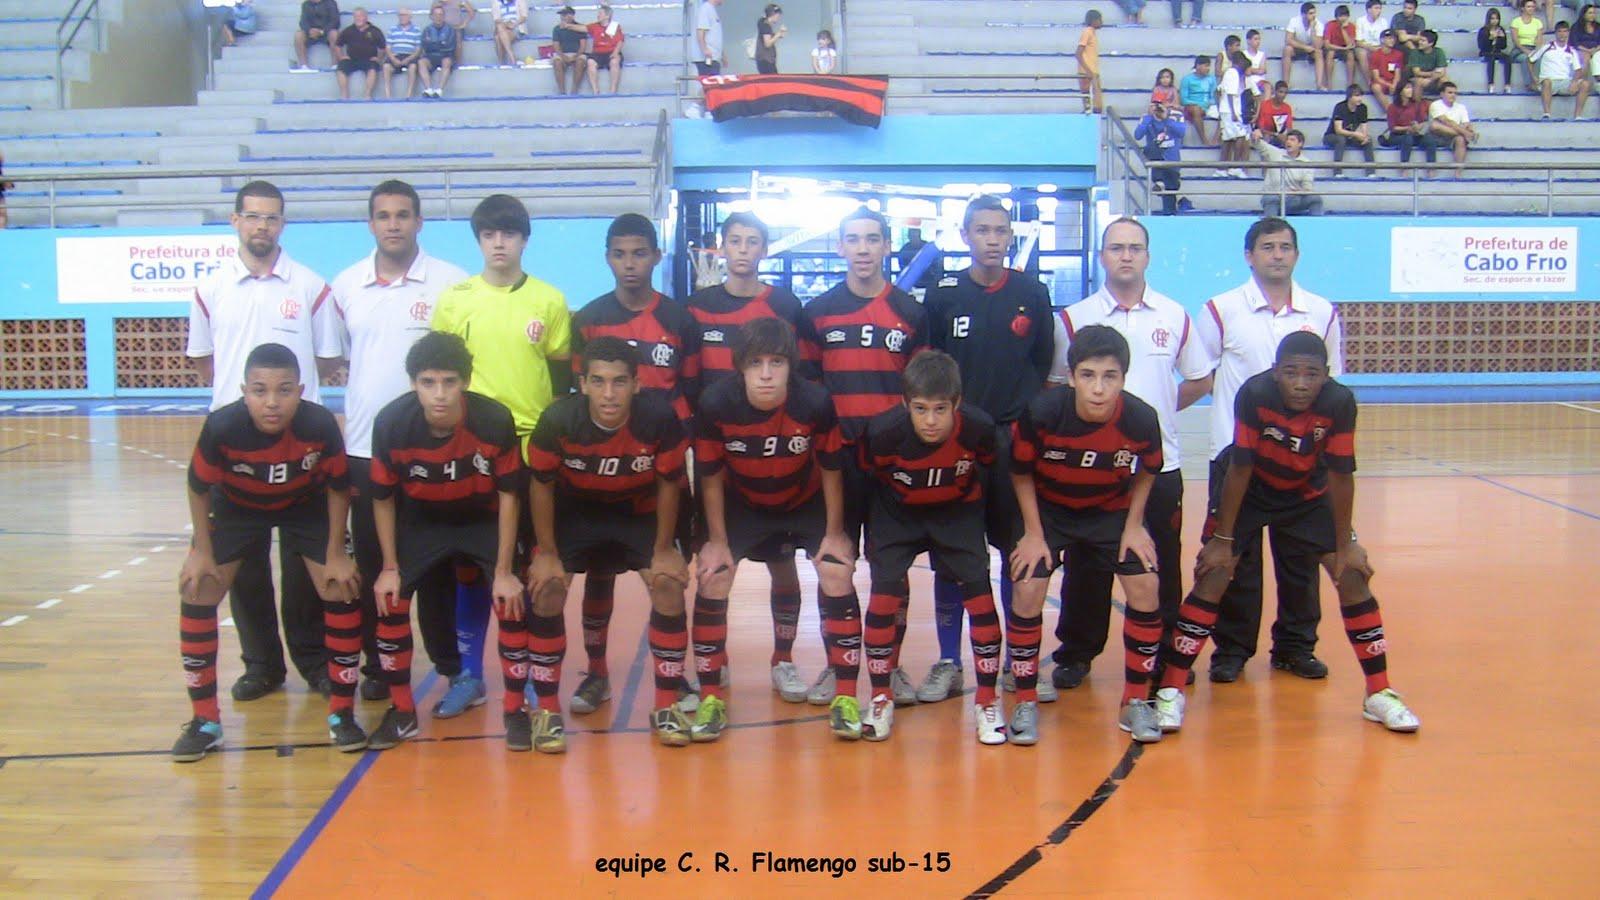 Resultado de imagem para flamengo campeão no futsal